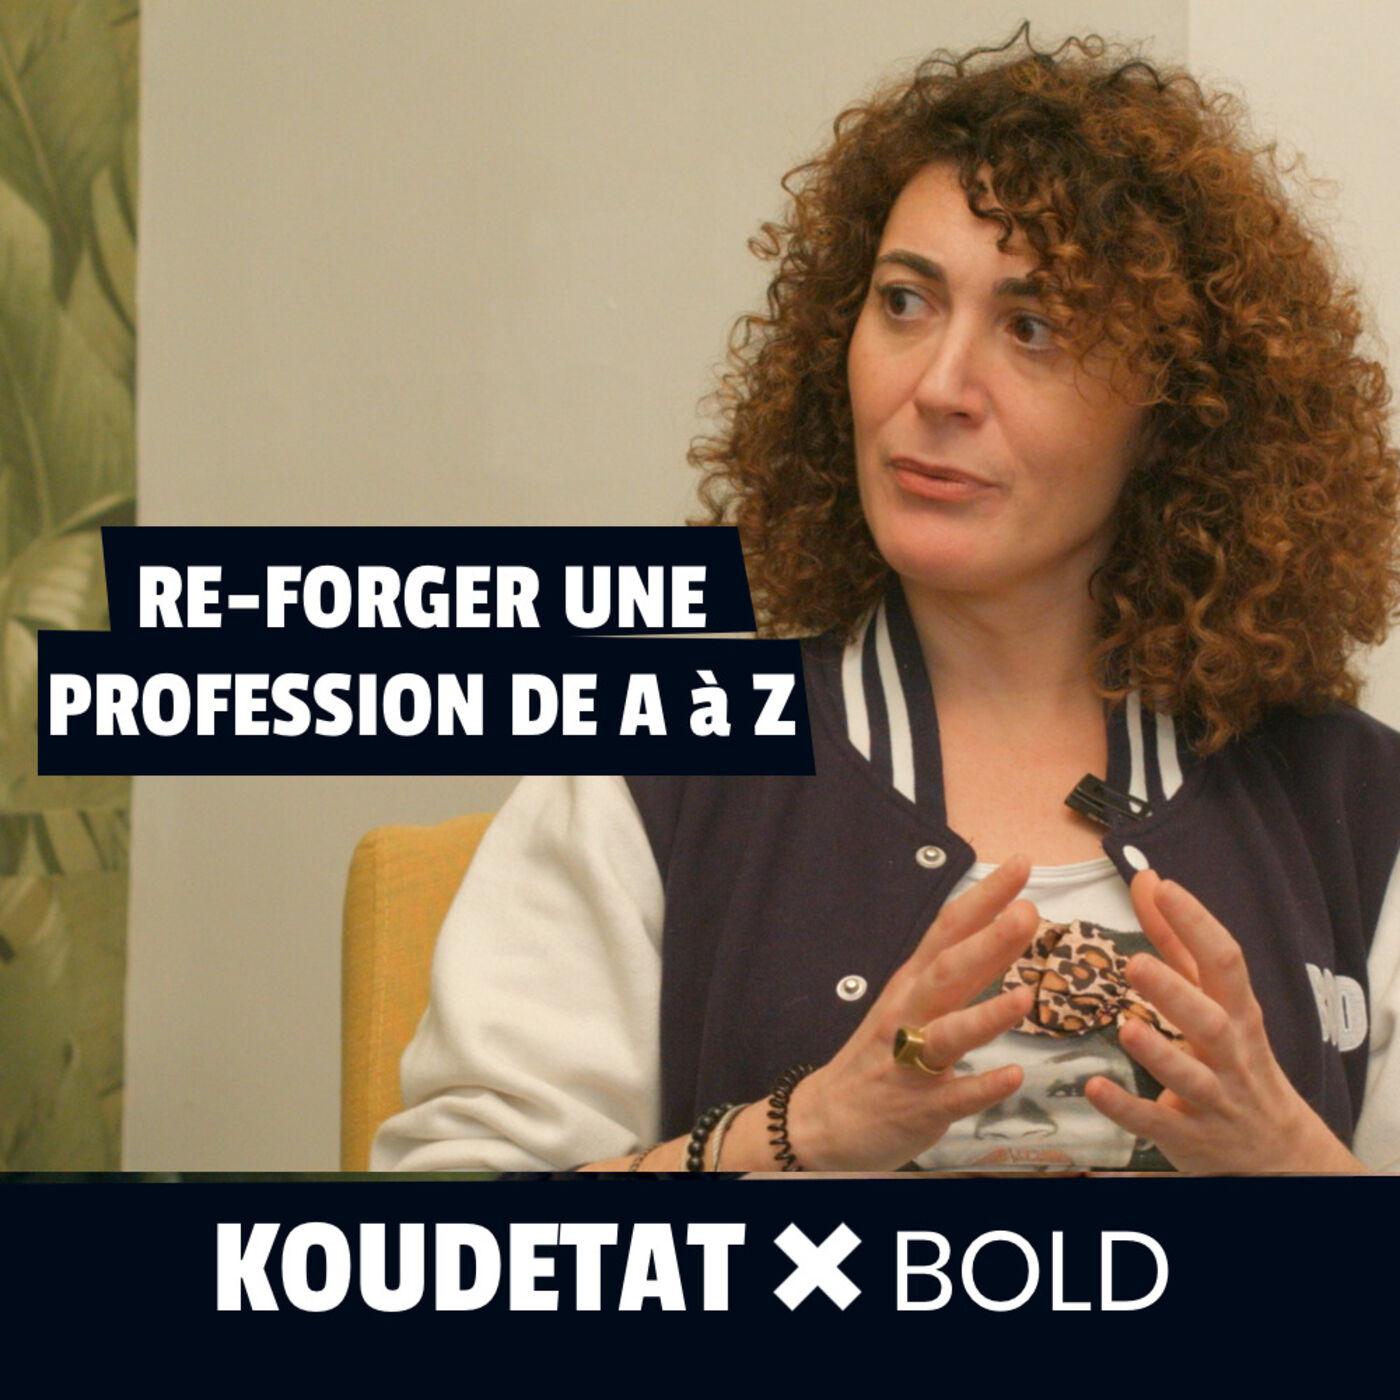 Re-forger une profession de A à Z I Koudetat x Bold